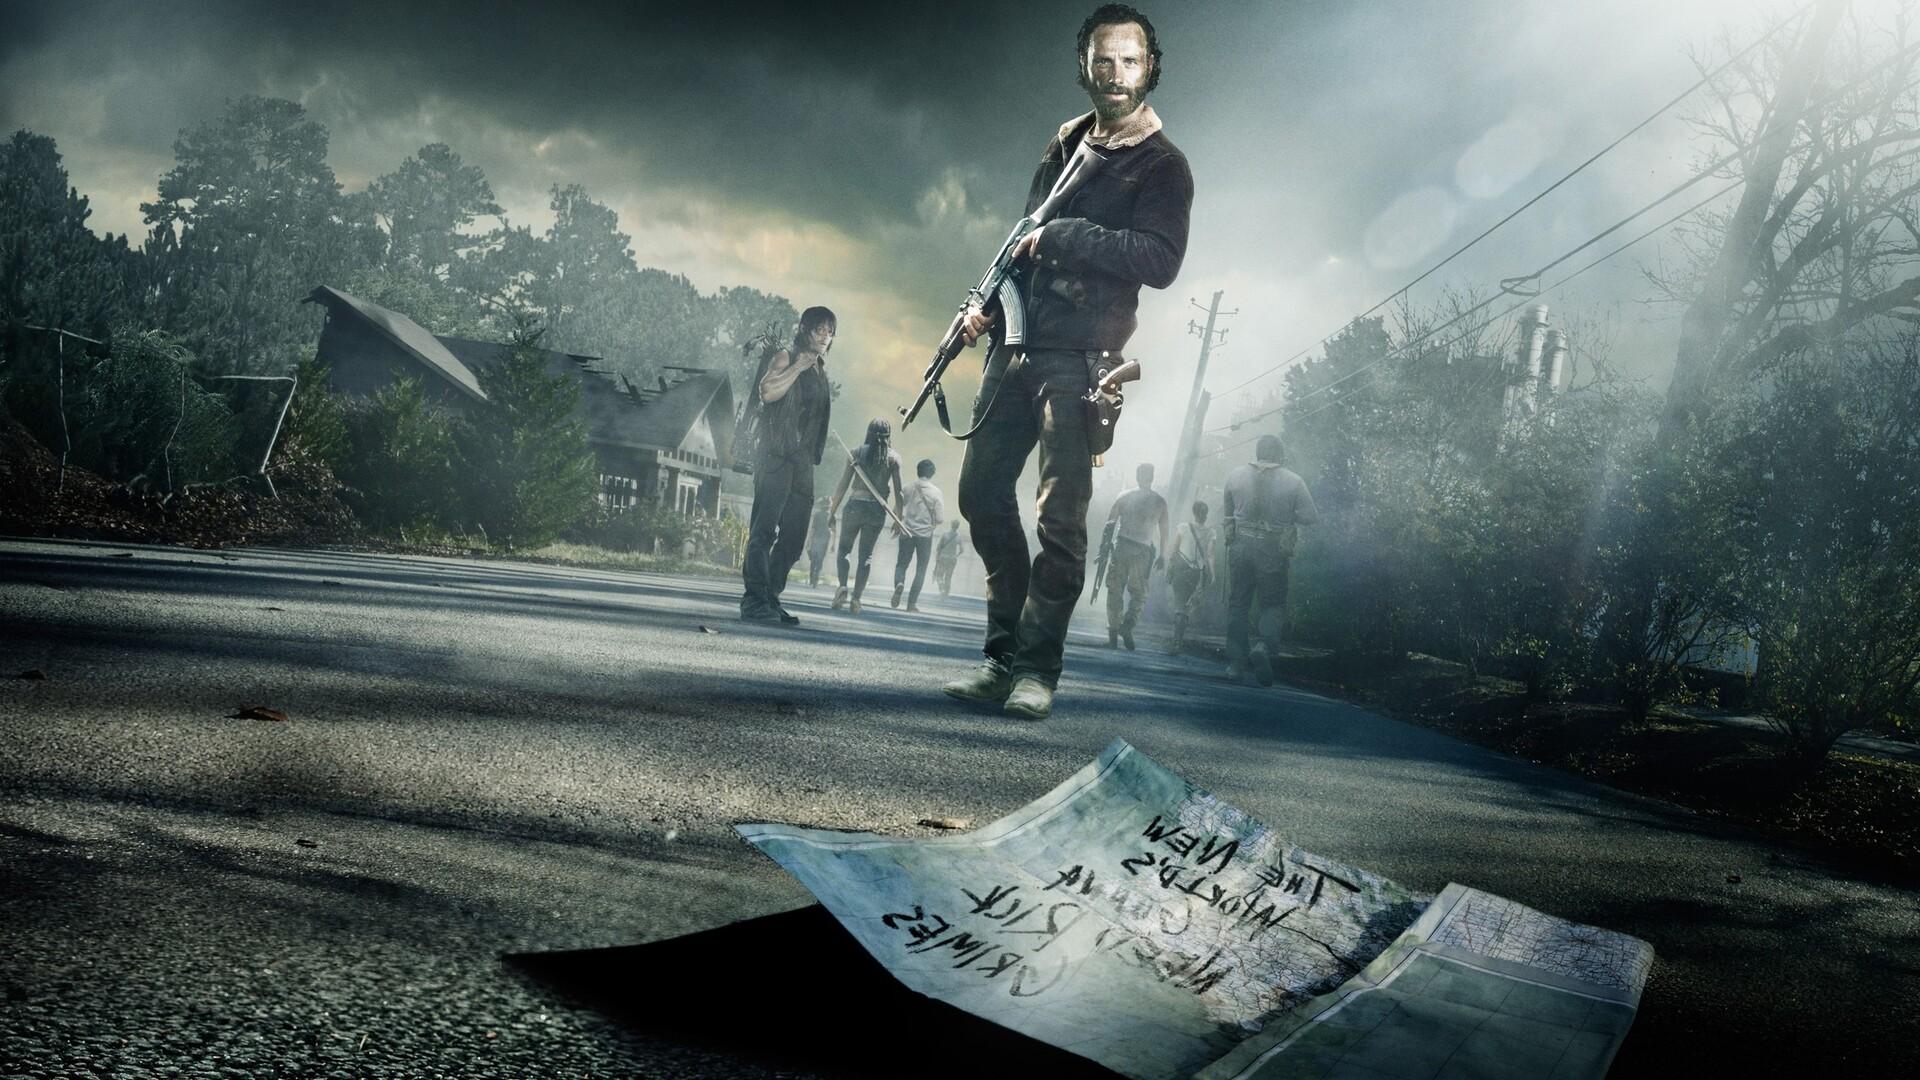 1920x1080 The Walking Dead Season 5 Laptop Full Hd 1080p Hd 4k